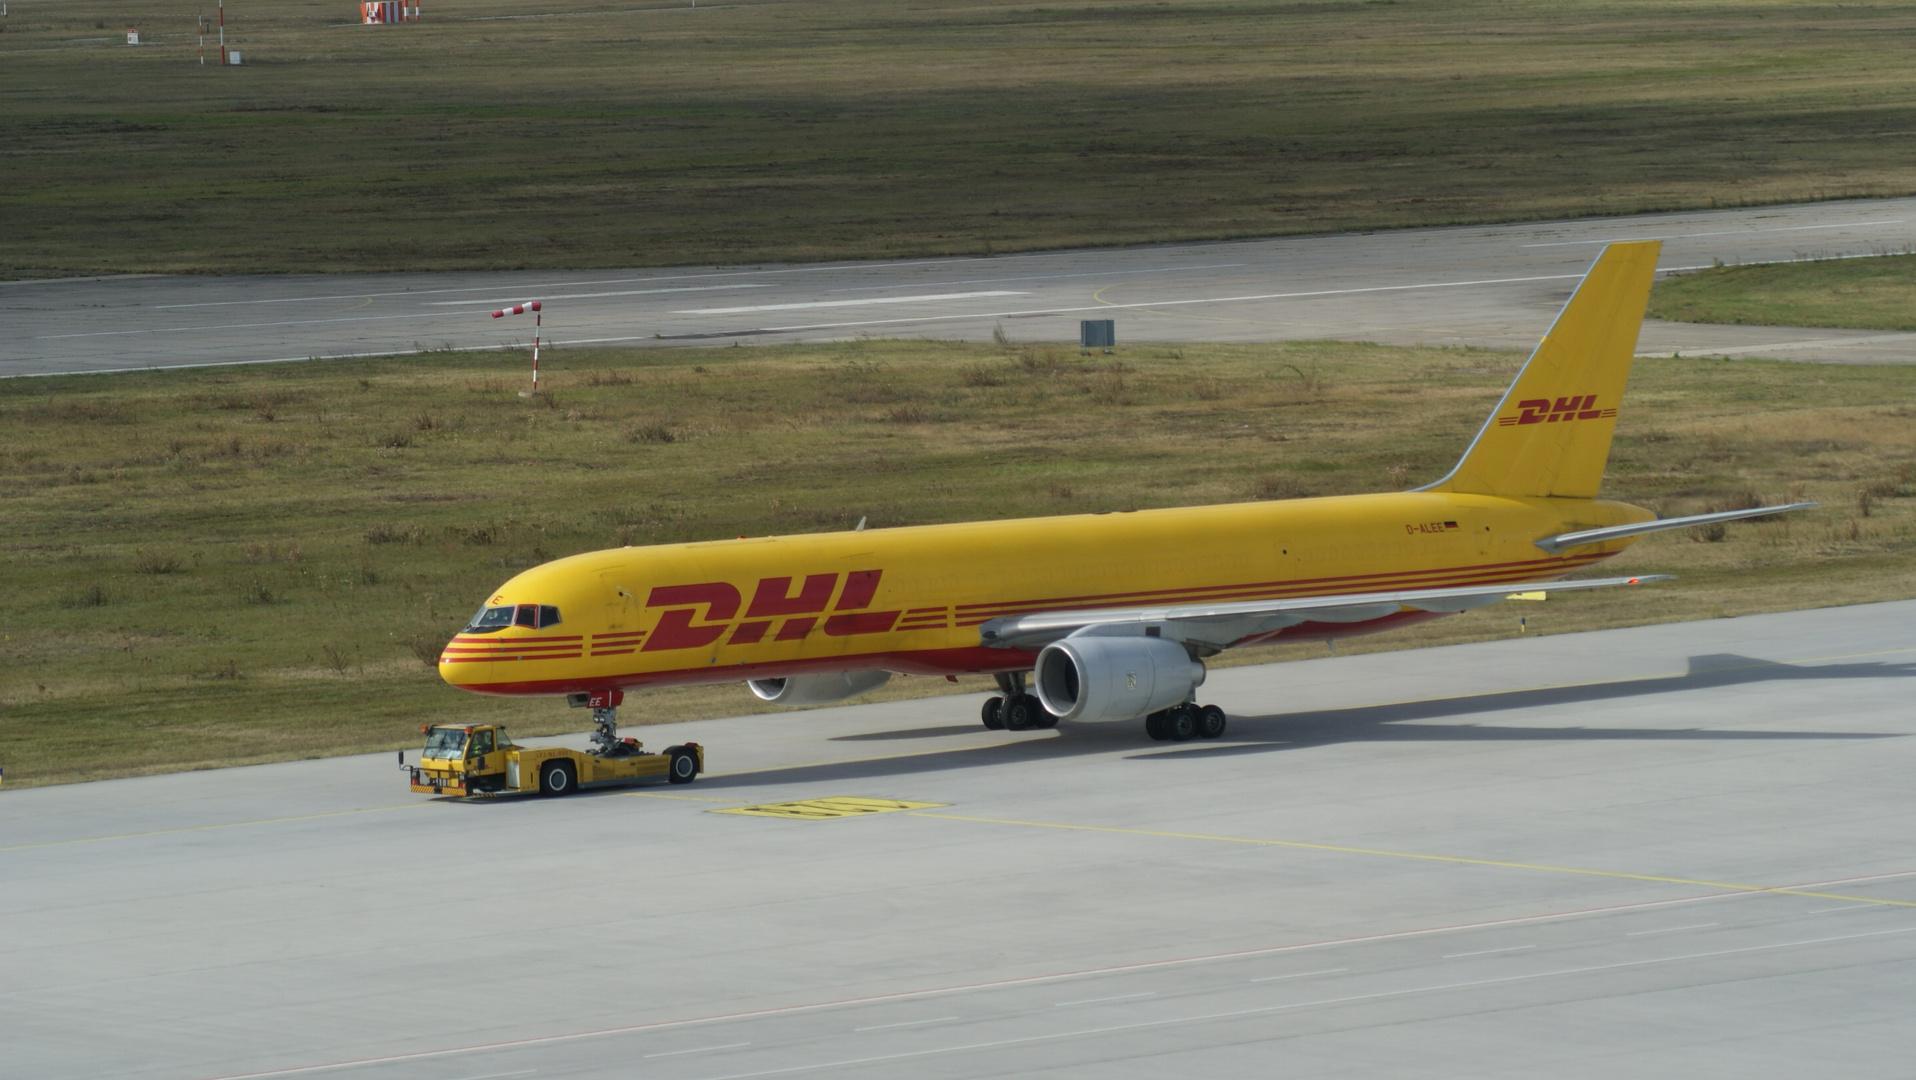 DHL B757/300